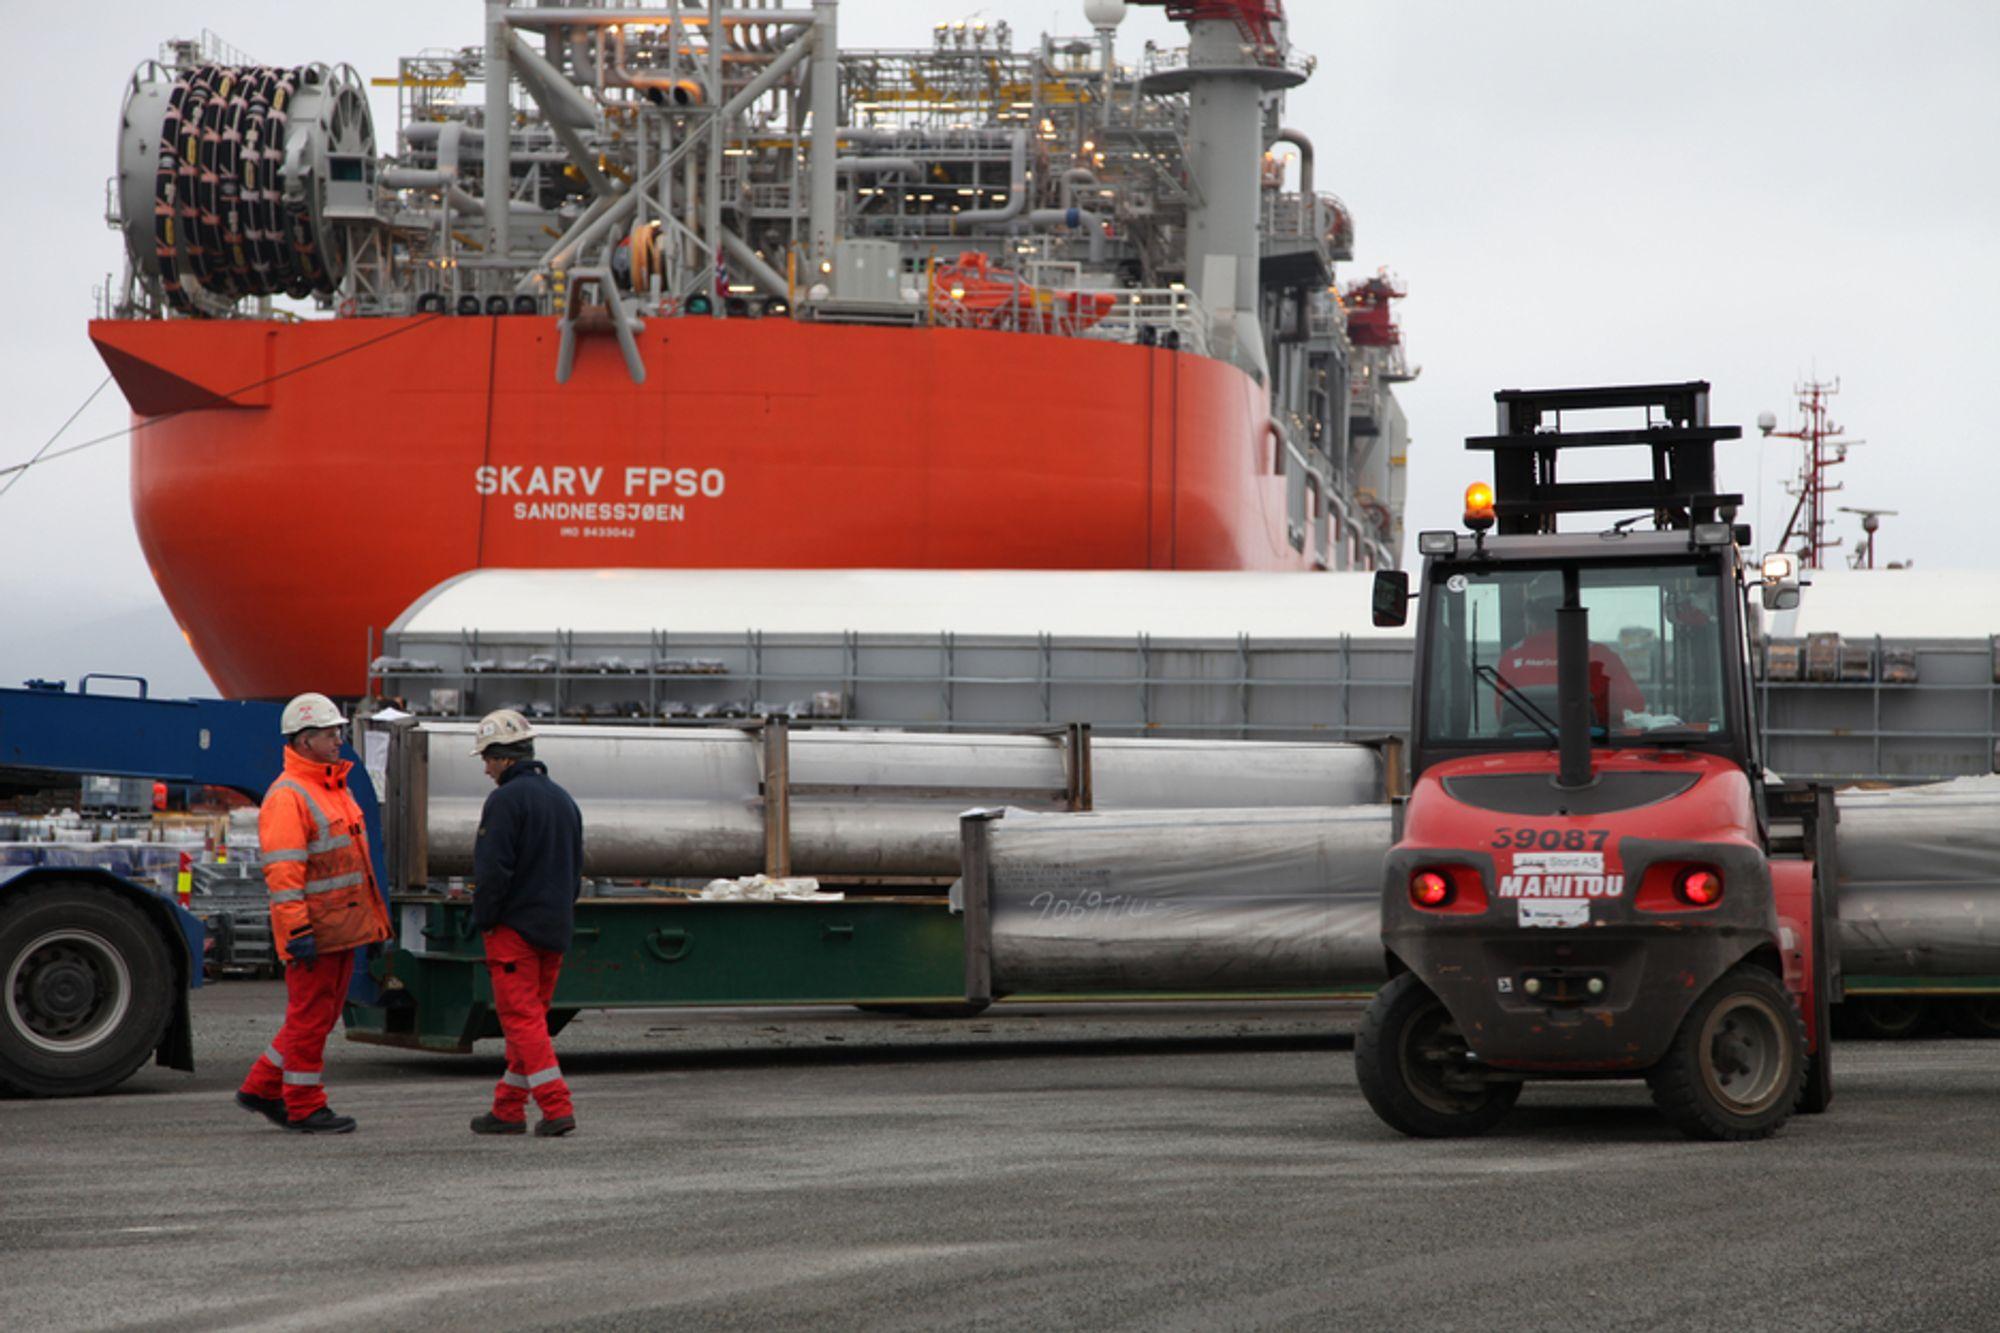 HEKTISK: I løpet av seks uker fra 1. mars til midten av april, skal 1200 mann jobbe i skift med ferdiggjøring og igangkjøring av systemer om bord på FPSO-en Skarv.